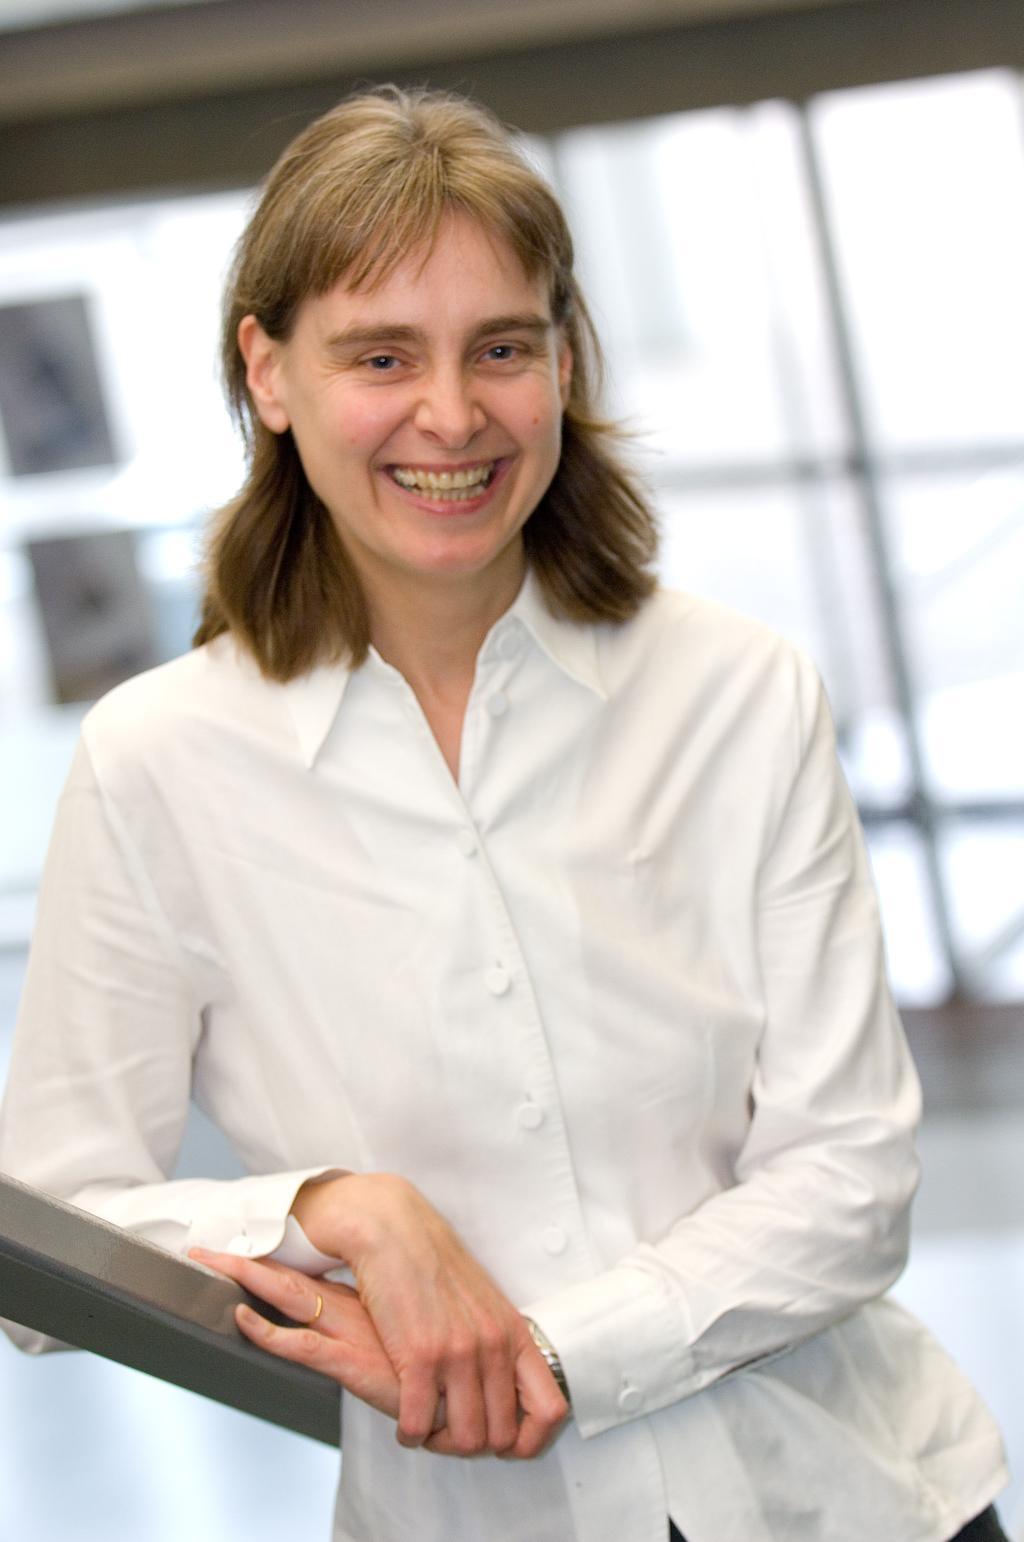 Tracey Nunn